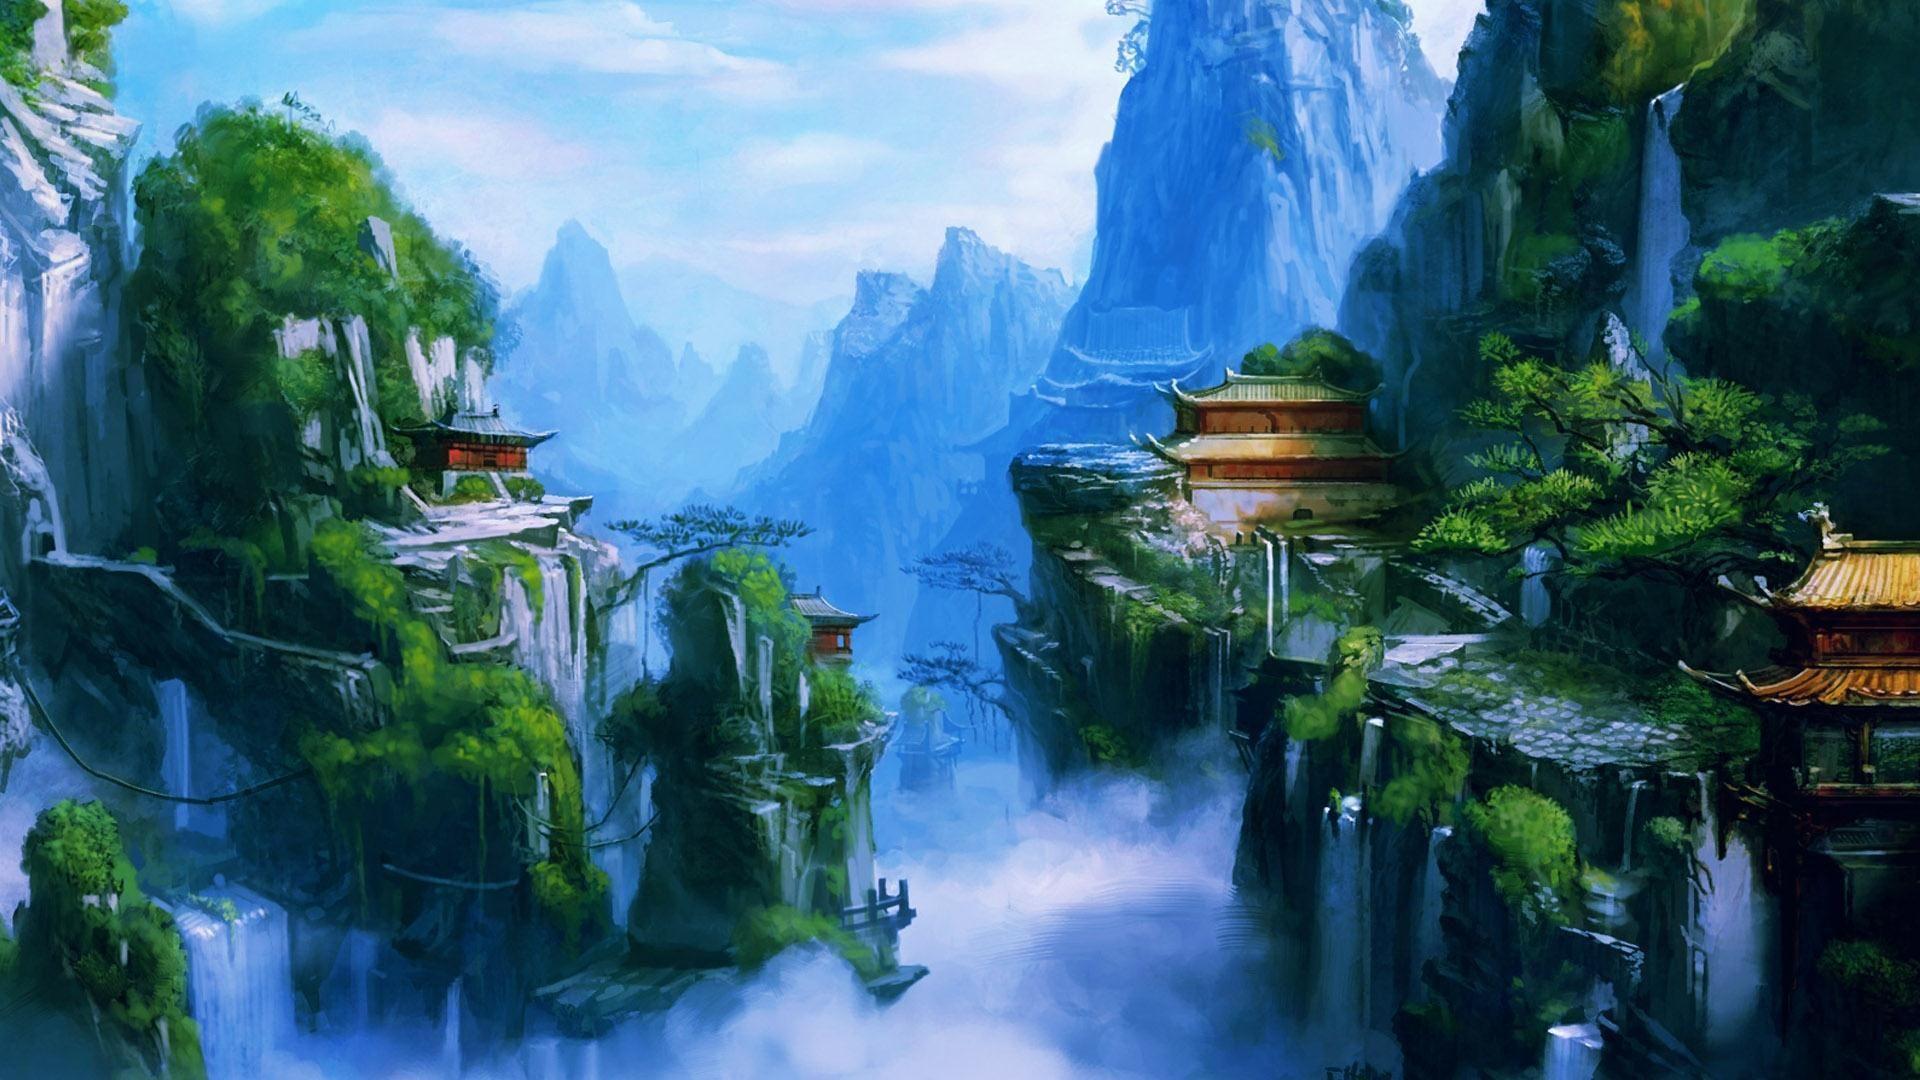 Anime Fantasy Landscape Wallpaper Full Hd For Free Wallpaper Hd Nature Wallpapers Best Nature Wallpapers Landscape Wallpaper